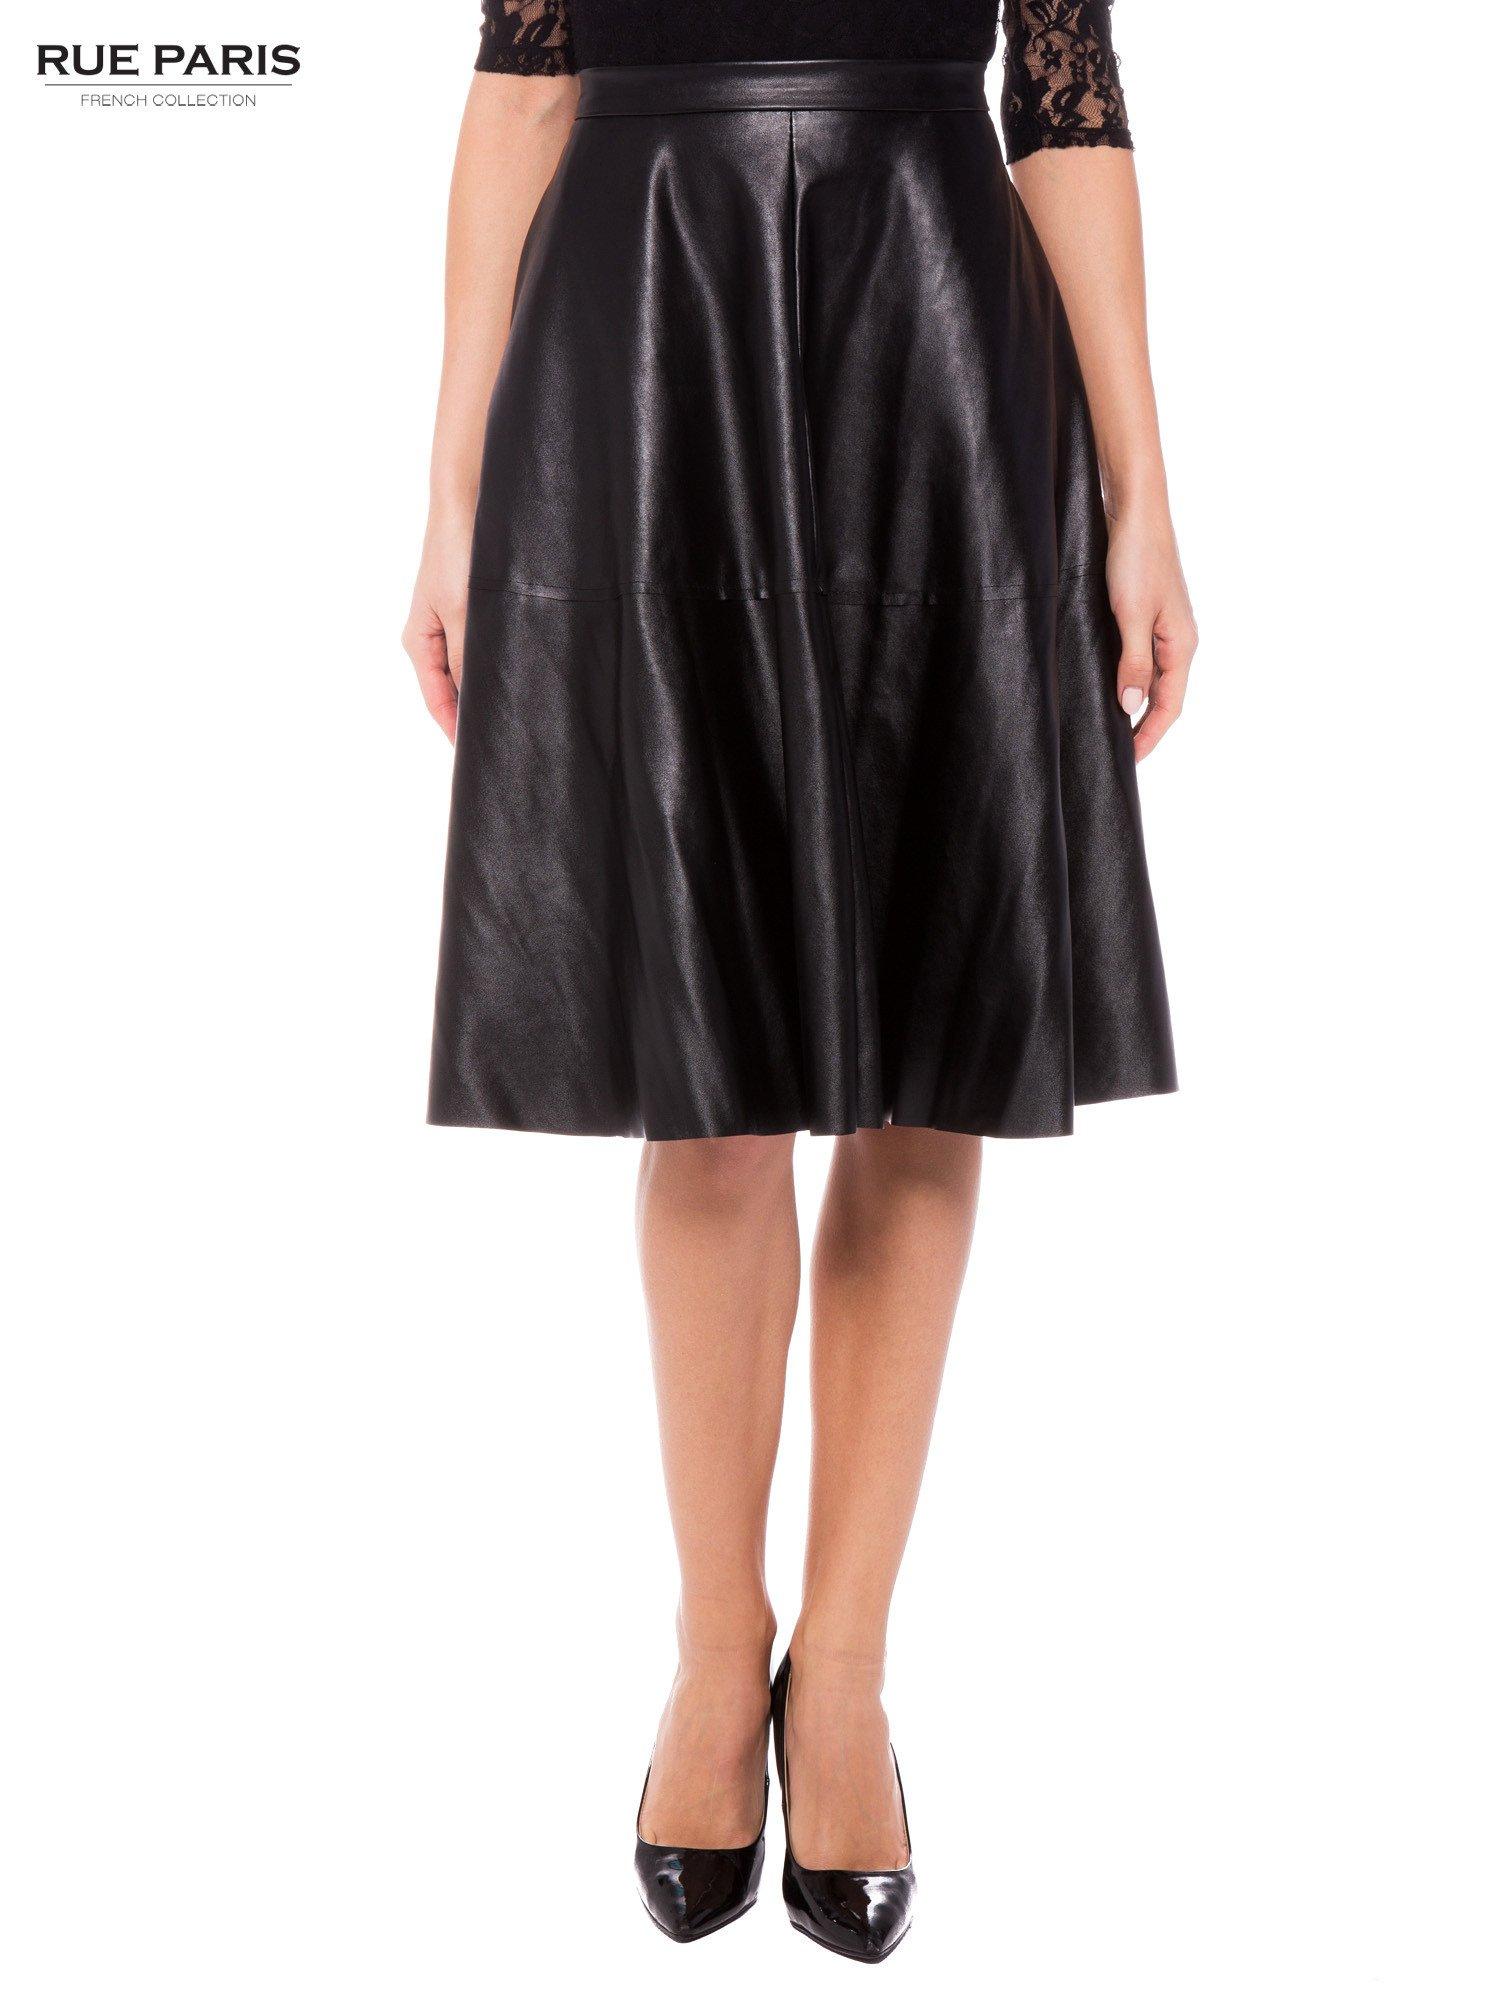 3c434d02e163d2 Czarna skórzana spódnica midi szyta z półkola - Spódnica ...